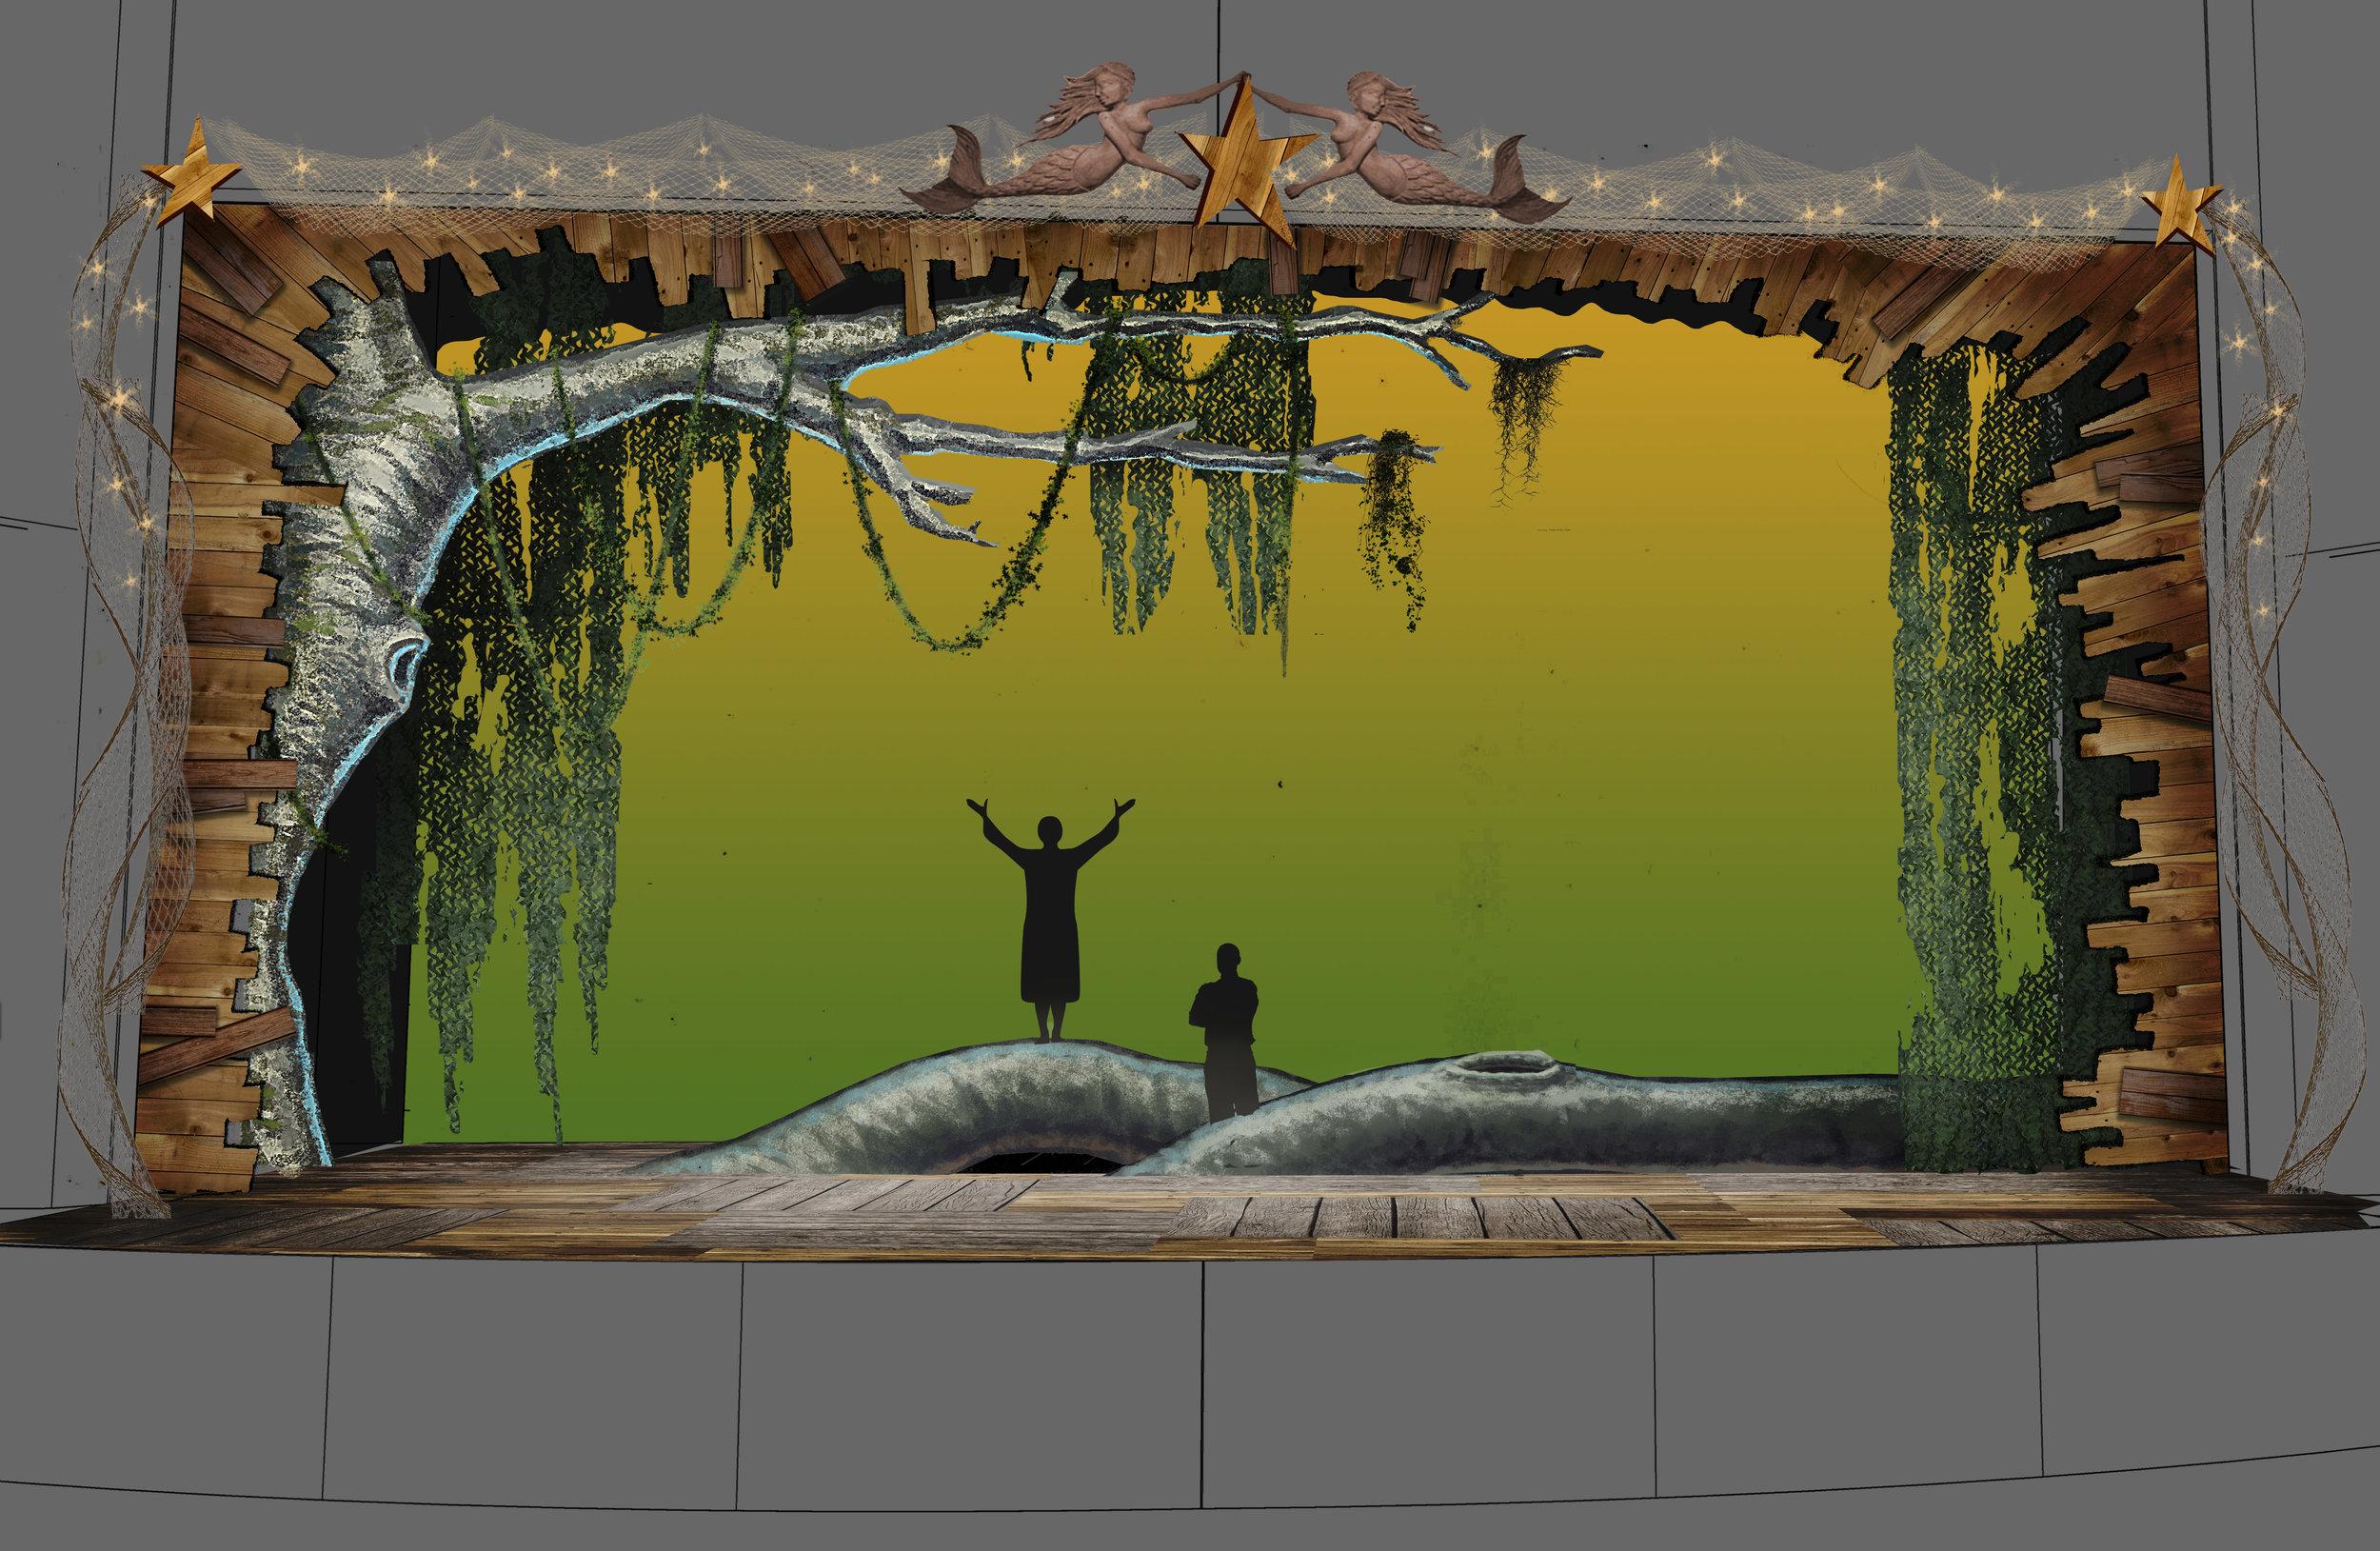 Act 2 color concept sketch